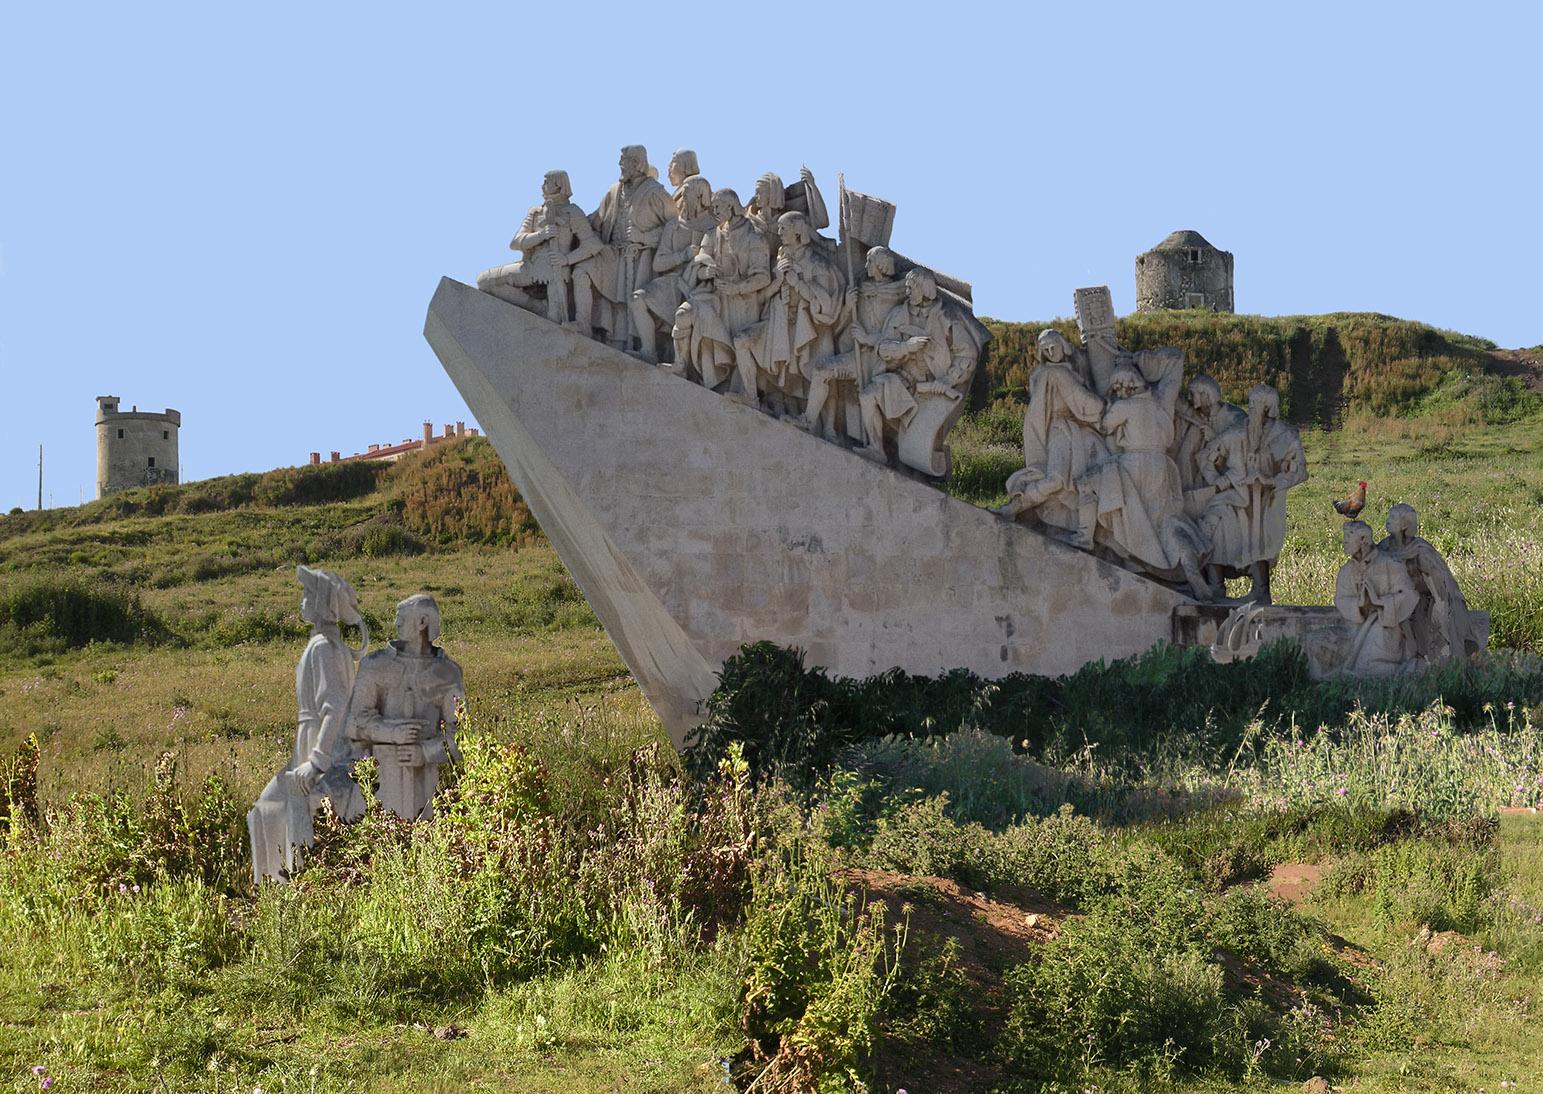 Esculturas do Monumento aos Descobrimentos no campo. Moínhos em ruínas ao fundo.